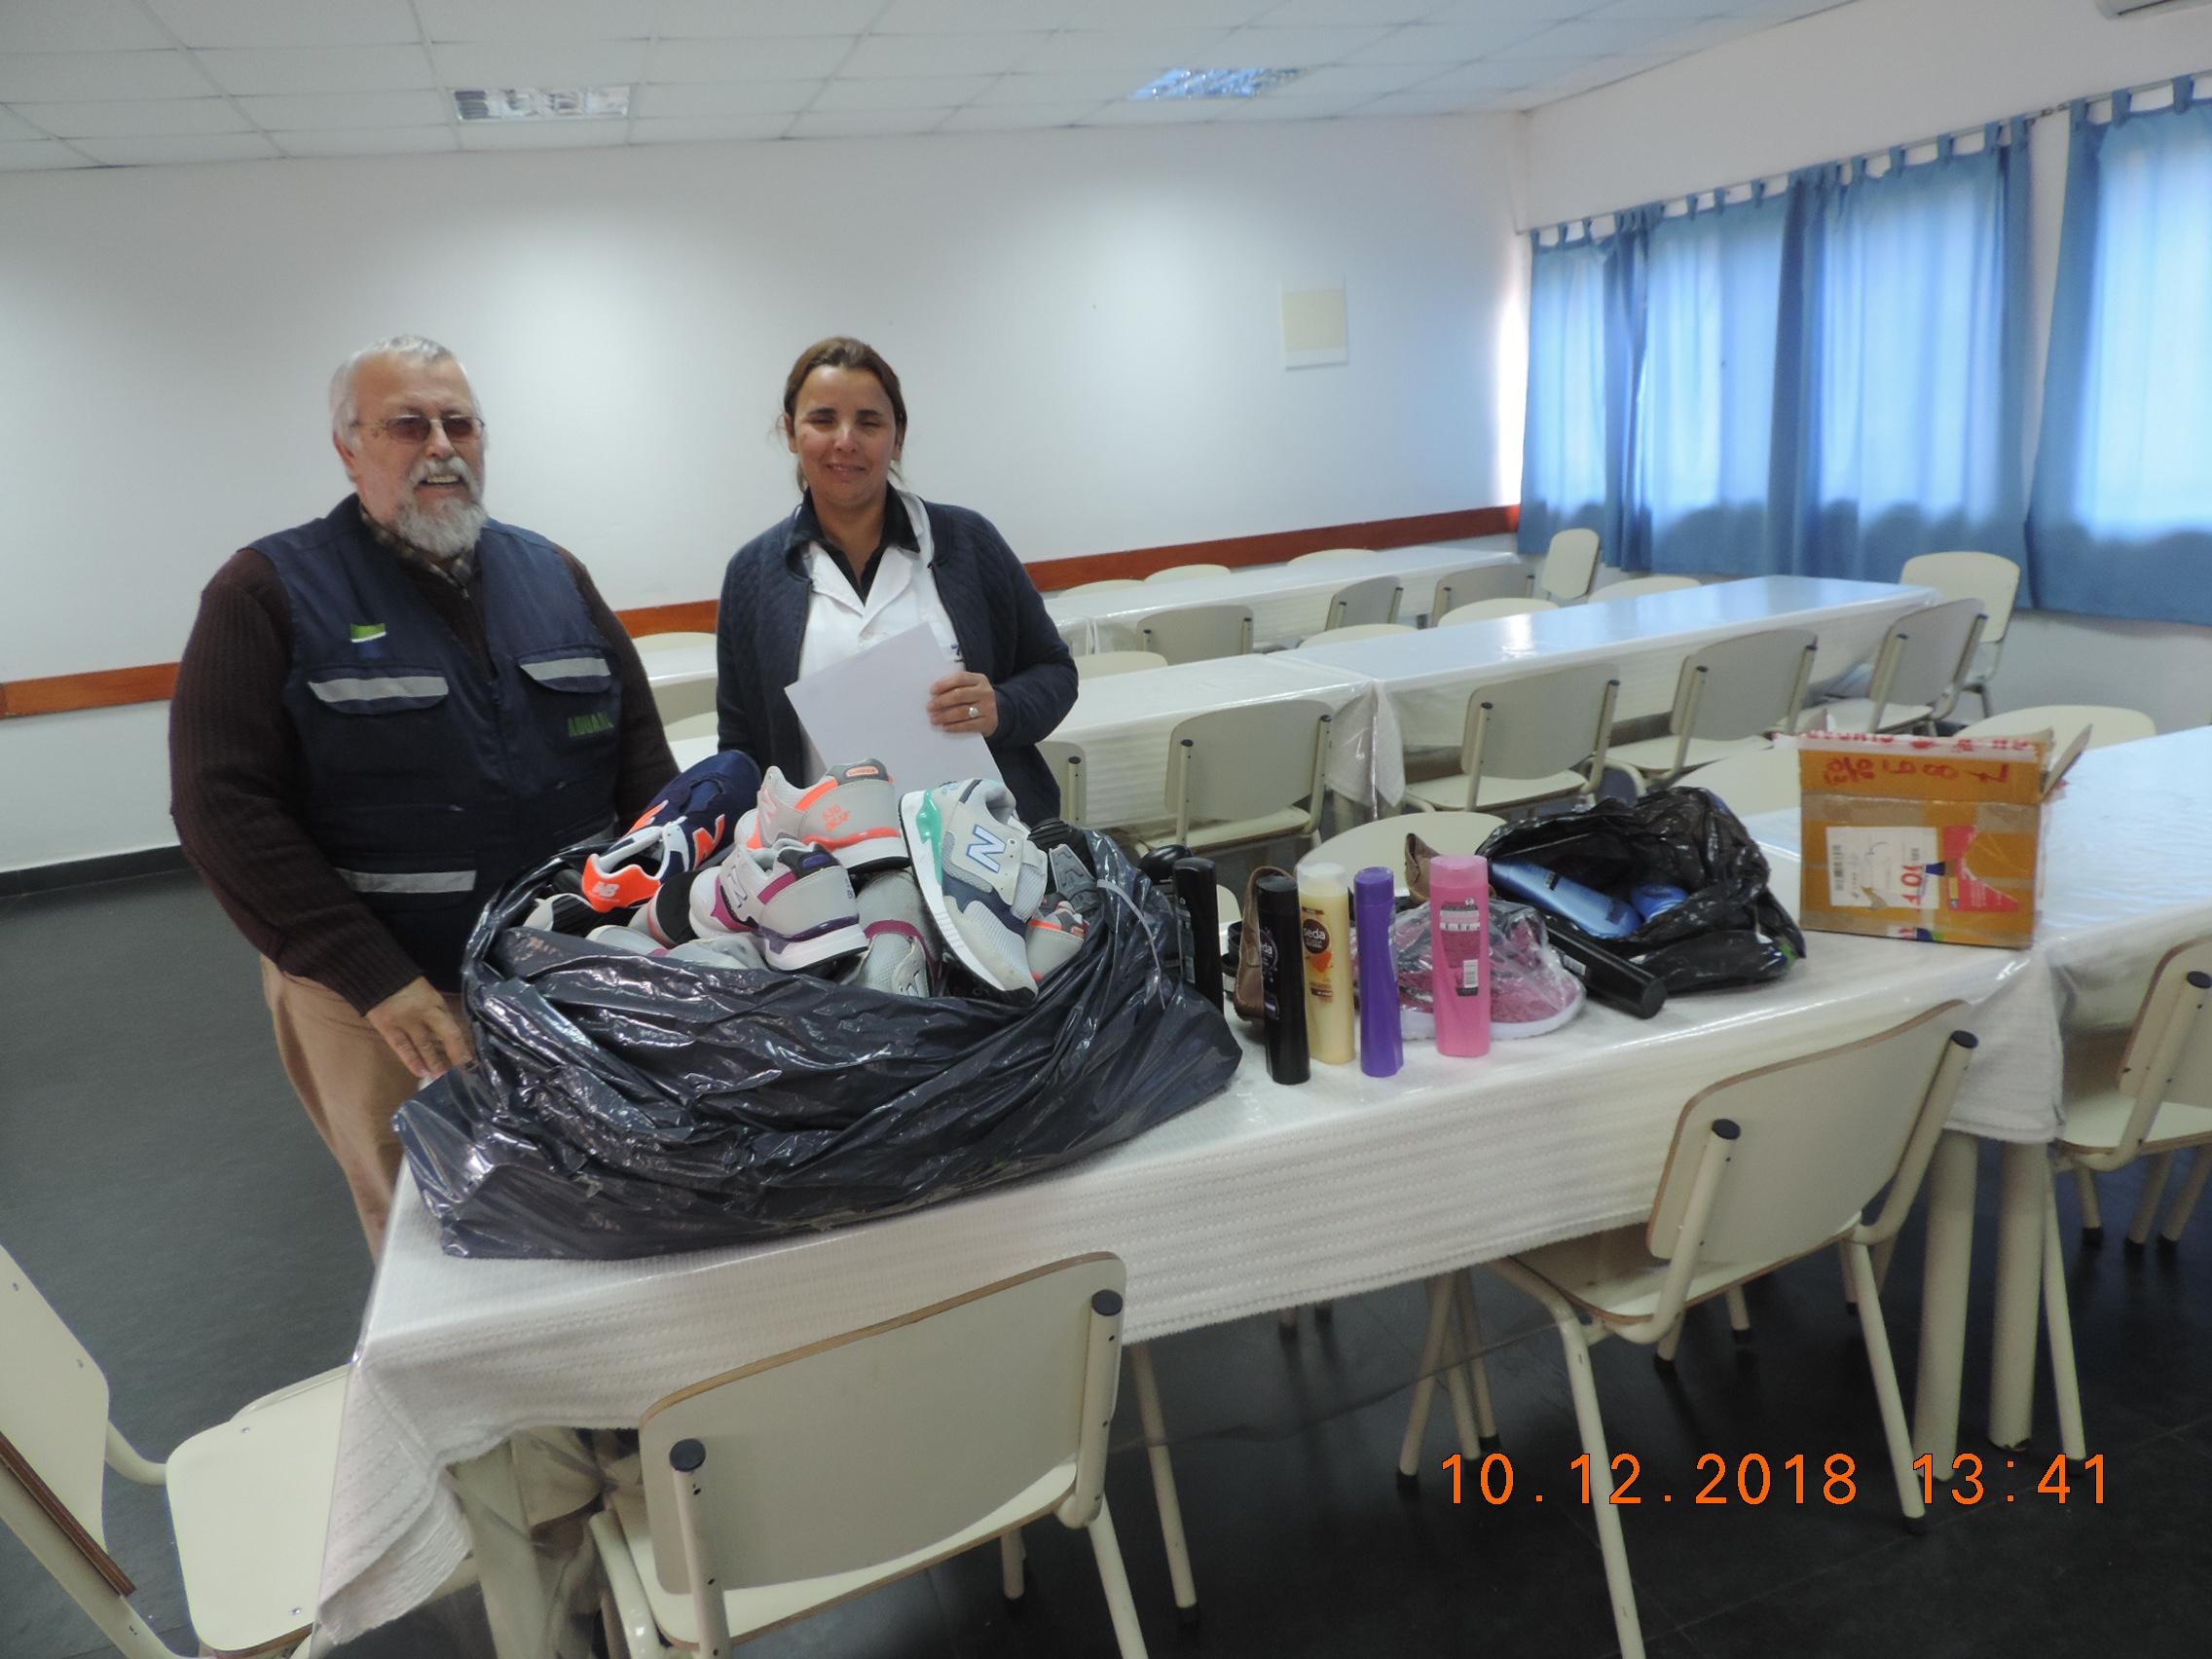 Imagen de funcionario aduanero entregando artículos donados.